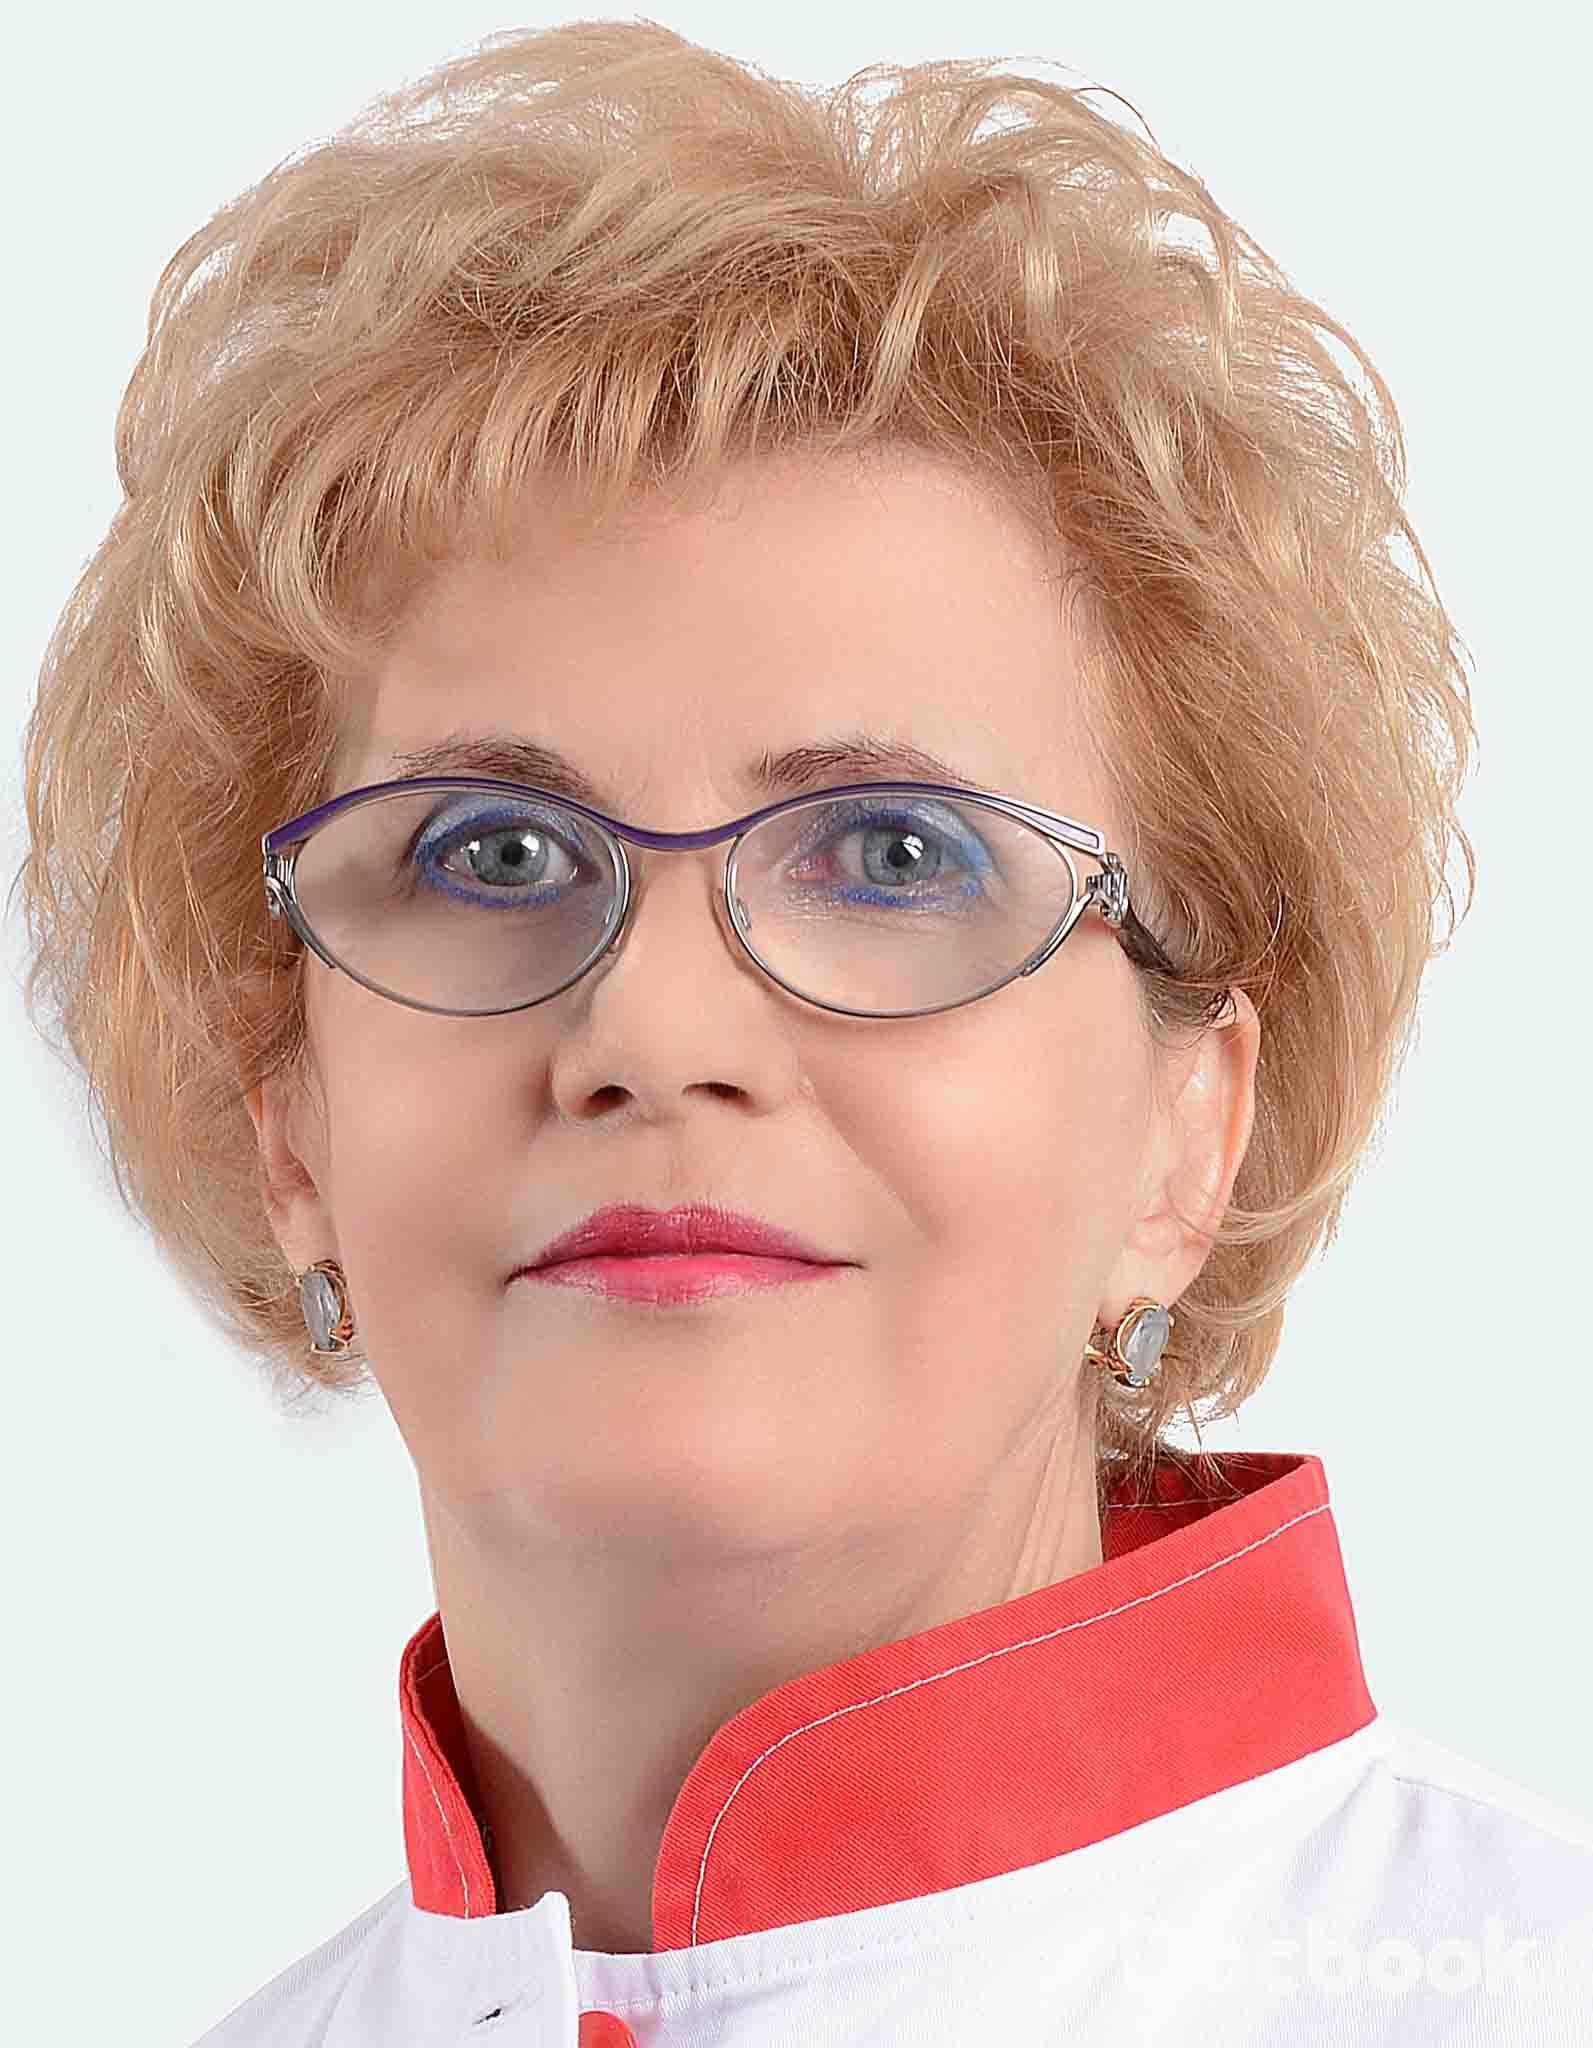 Dr. Karmenina Reaboiu